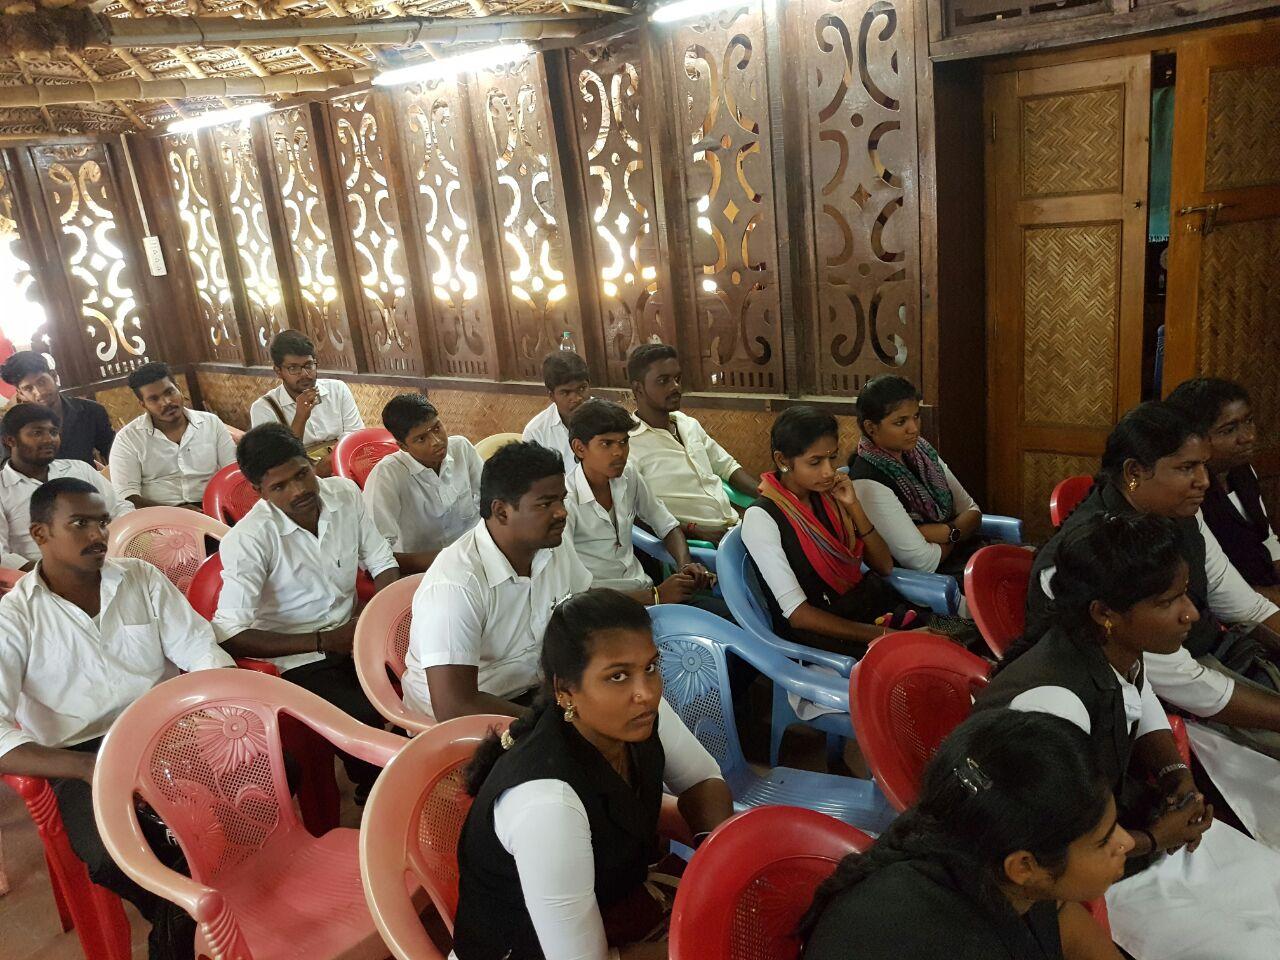 சென்னை சட்டக்கல்லூரி மாணவர்கள் 20 பேர் சீமானுடன் சந்திப்பு chennai law college students meet naam tamilar seeman